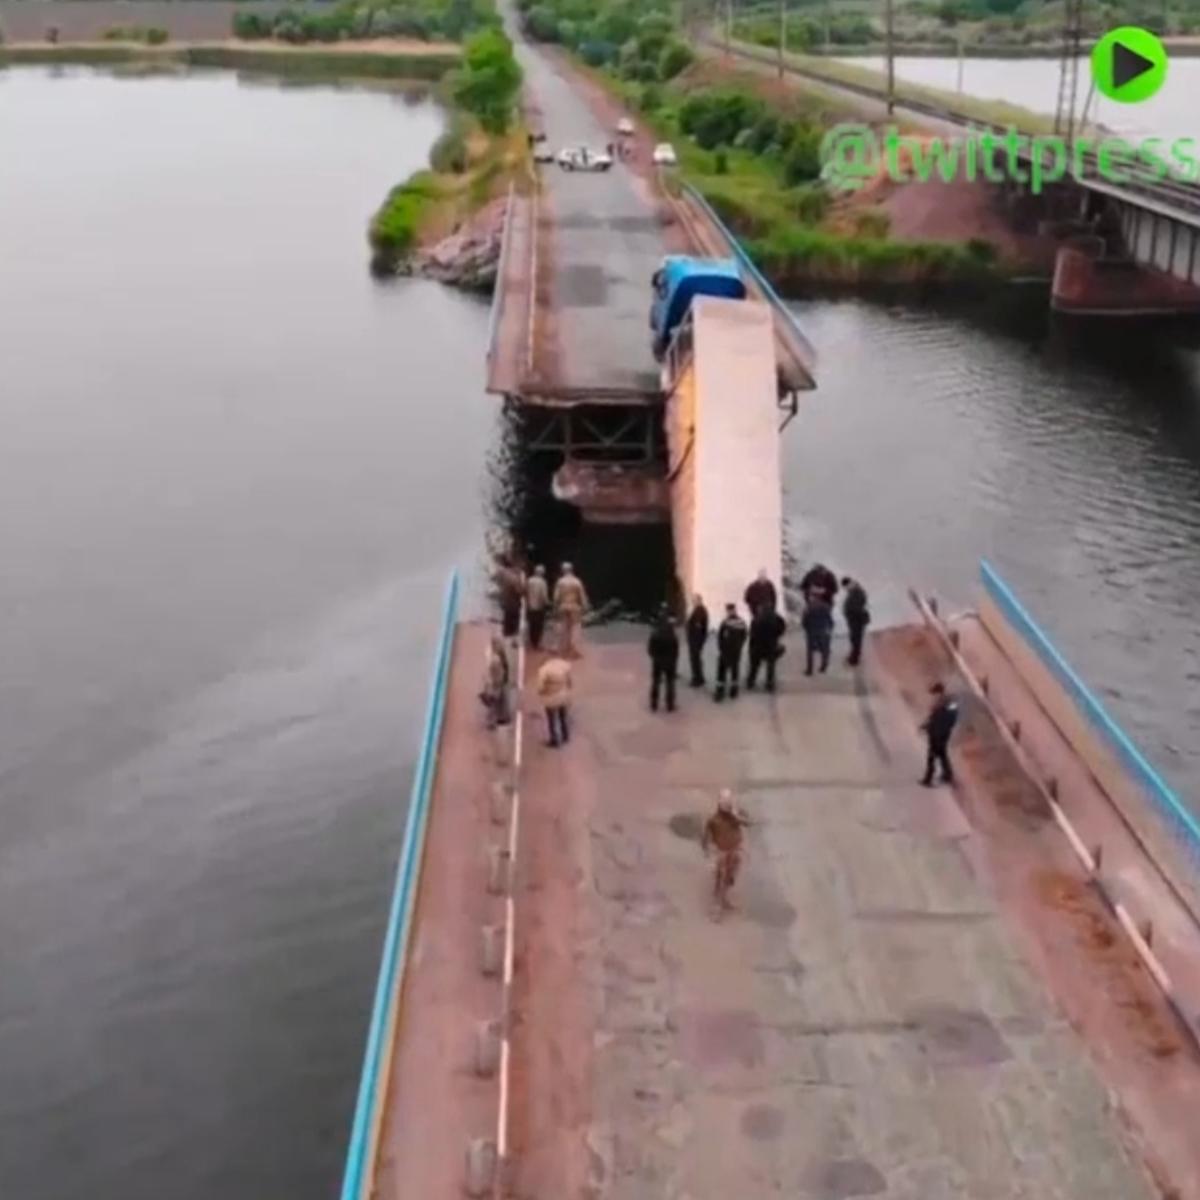 و این بار مهندسان پل ساز اوکراینی!